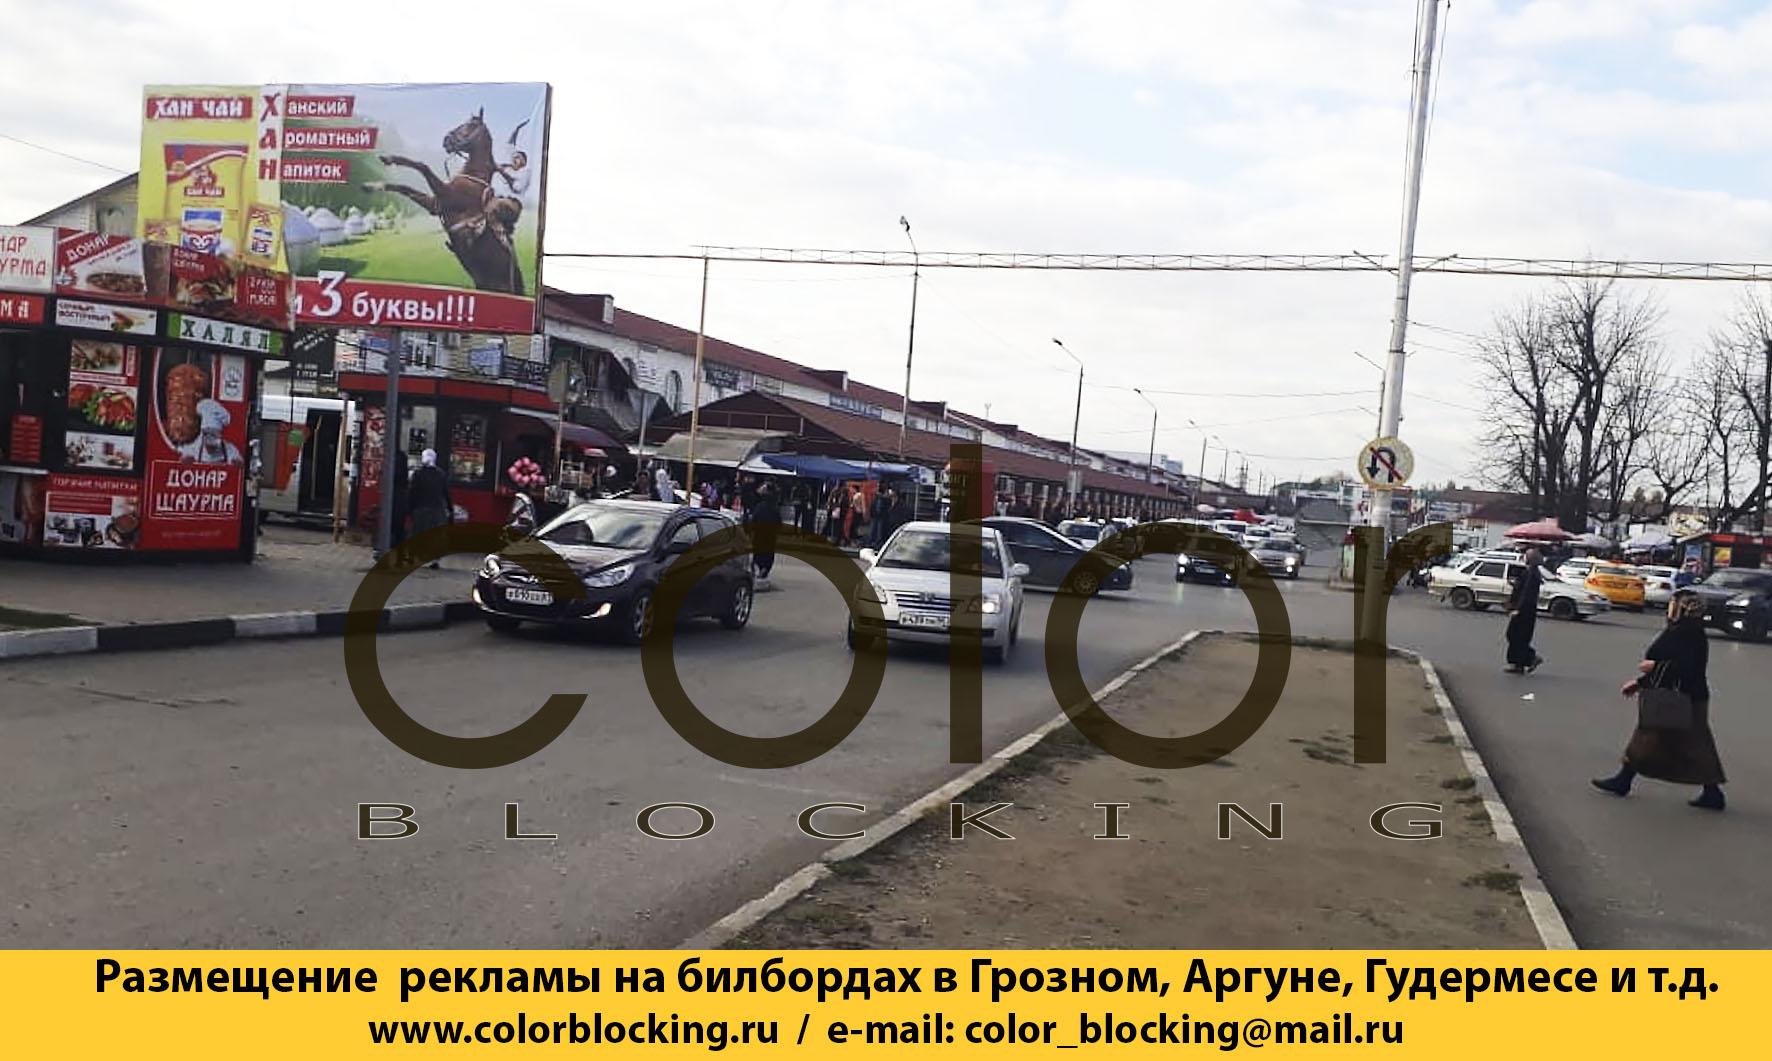 Реклама на билбордах в Грозном беркат